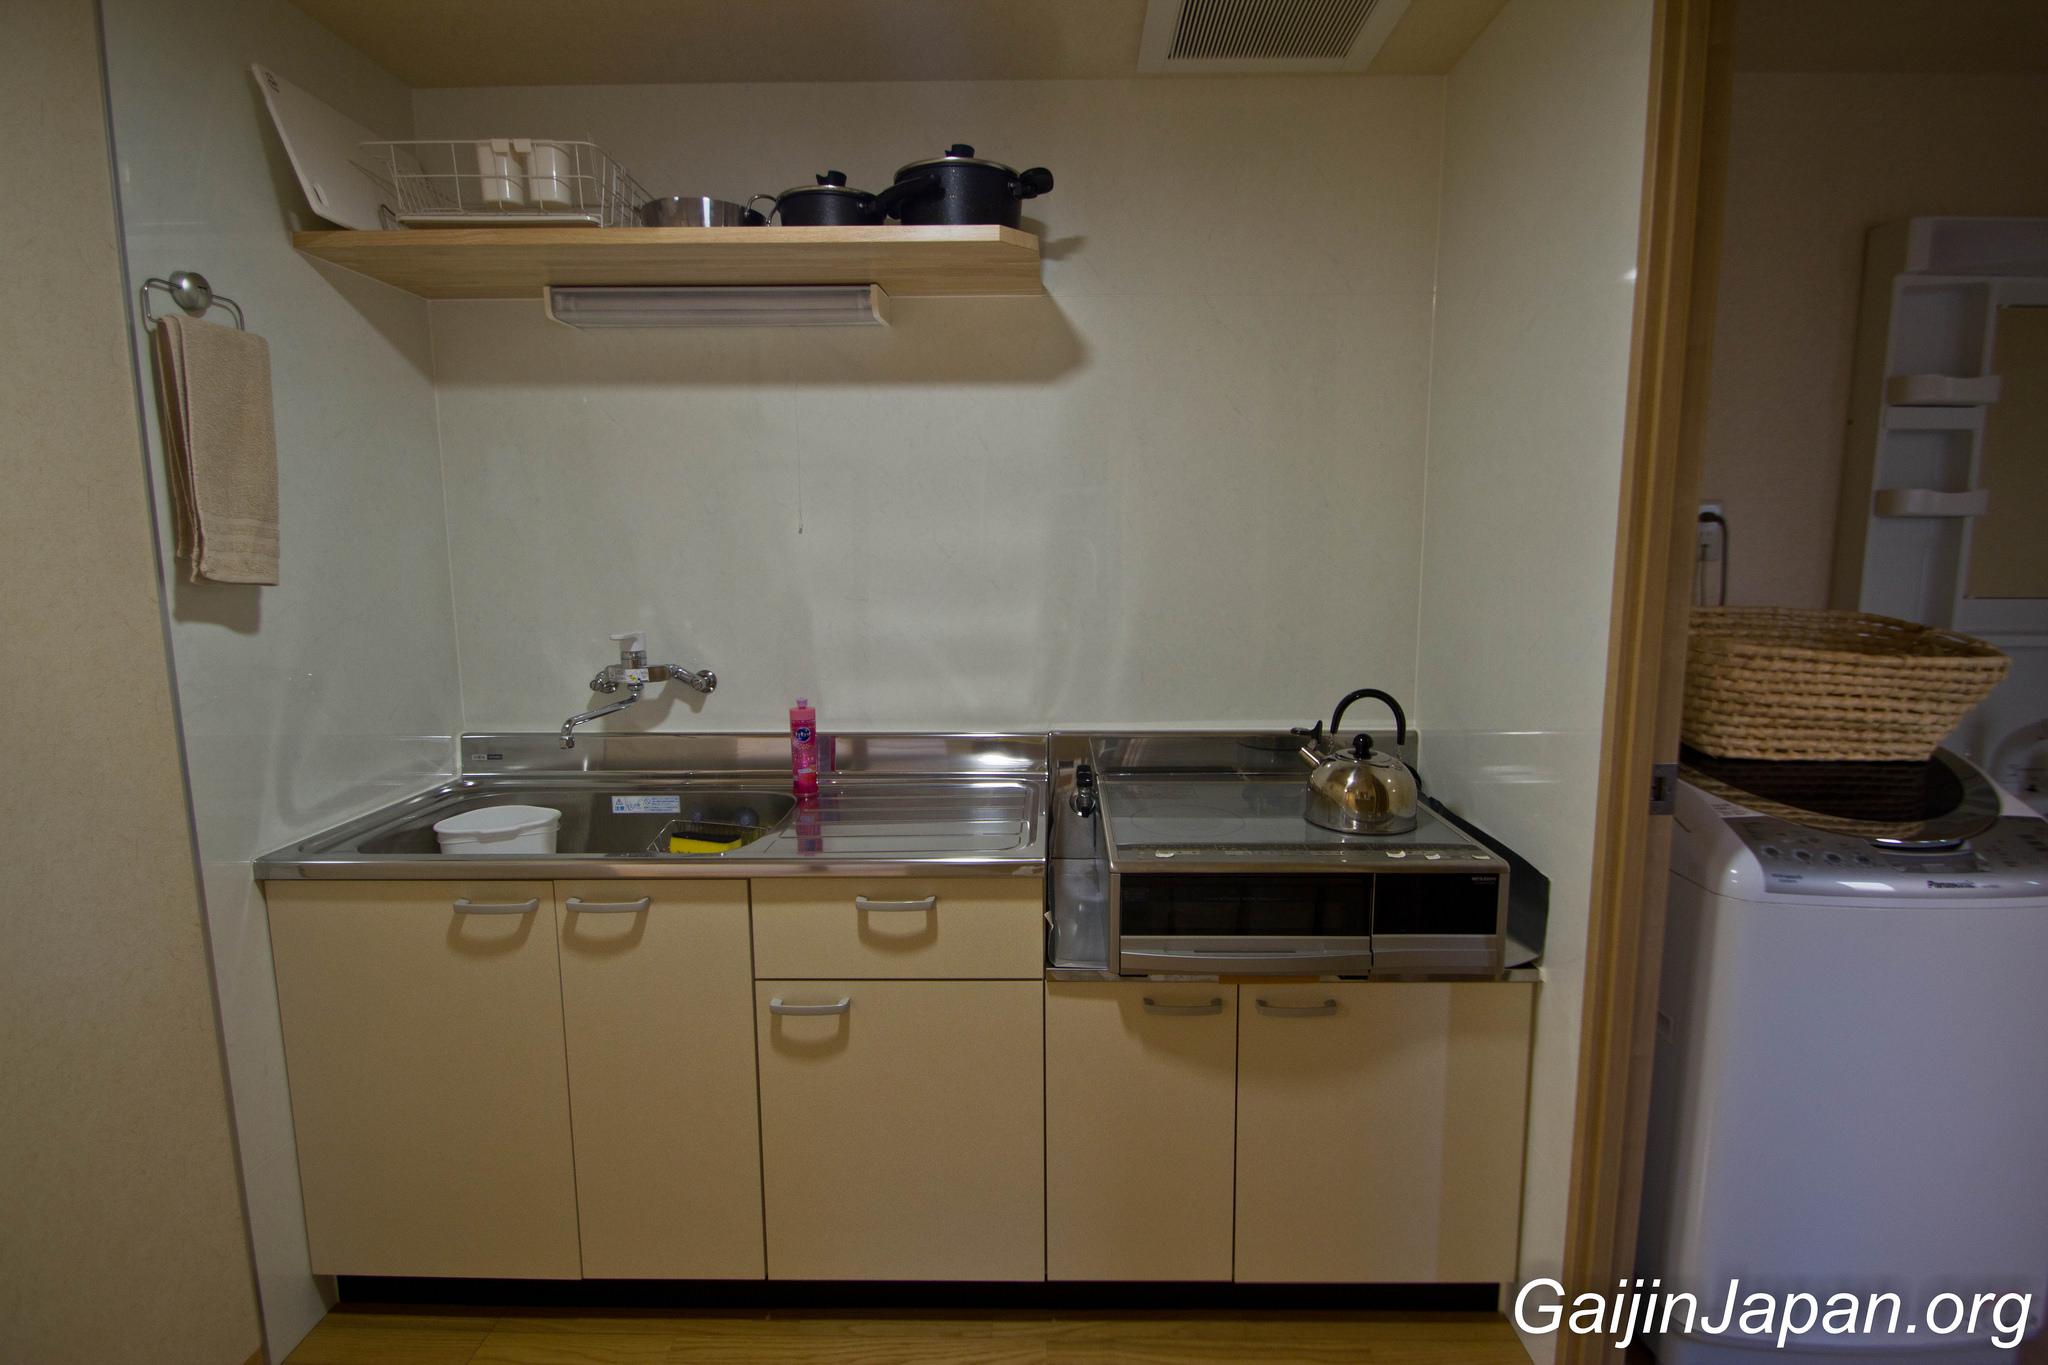 Location de maison au japon pour votre voyage, avec vivre le japon ...